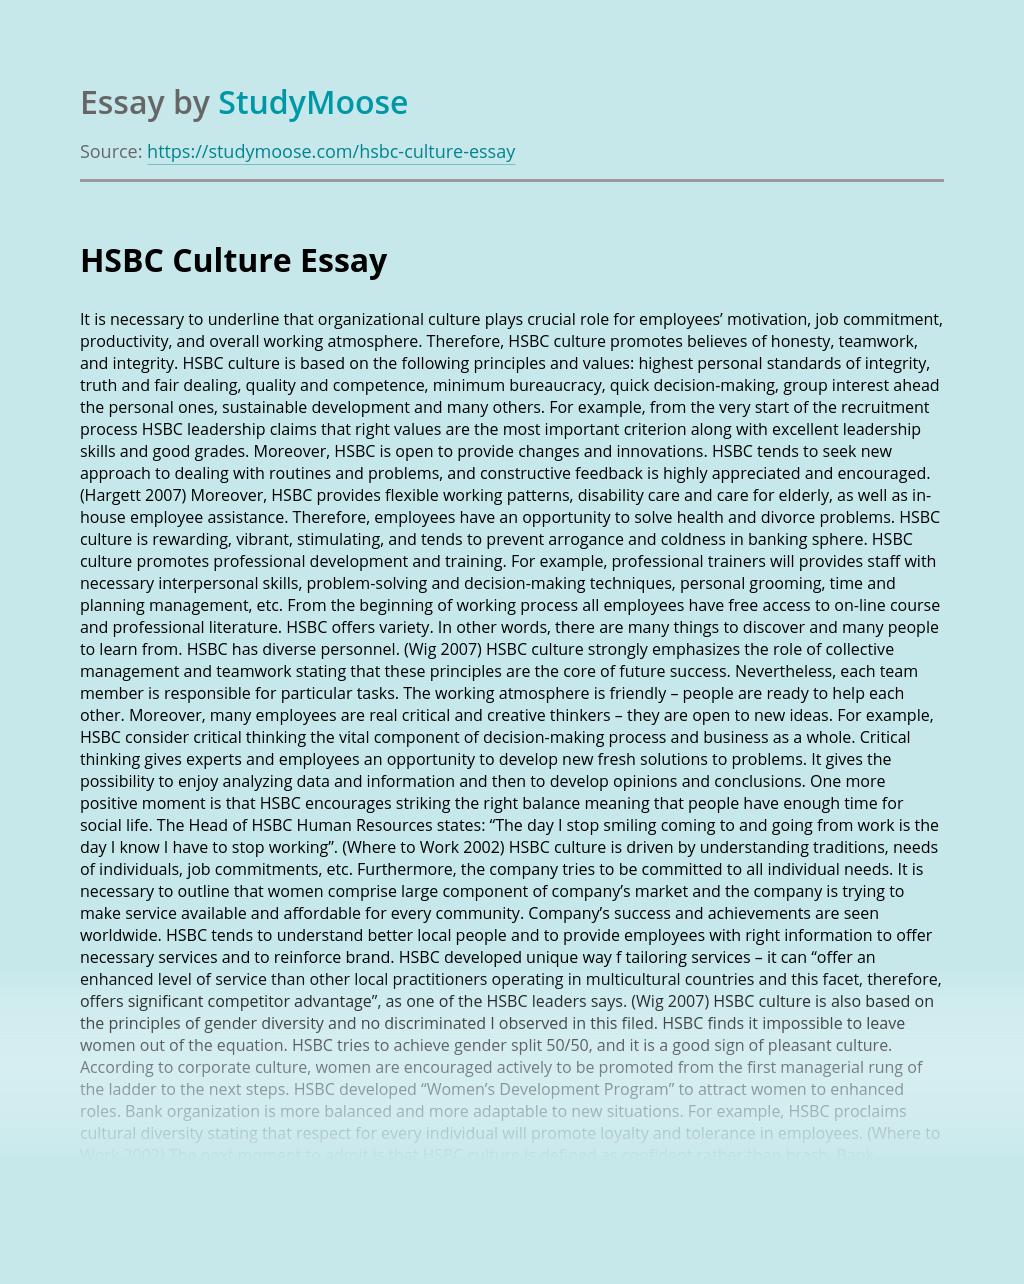 HSBC Culture